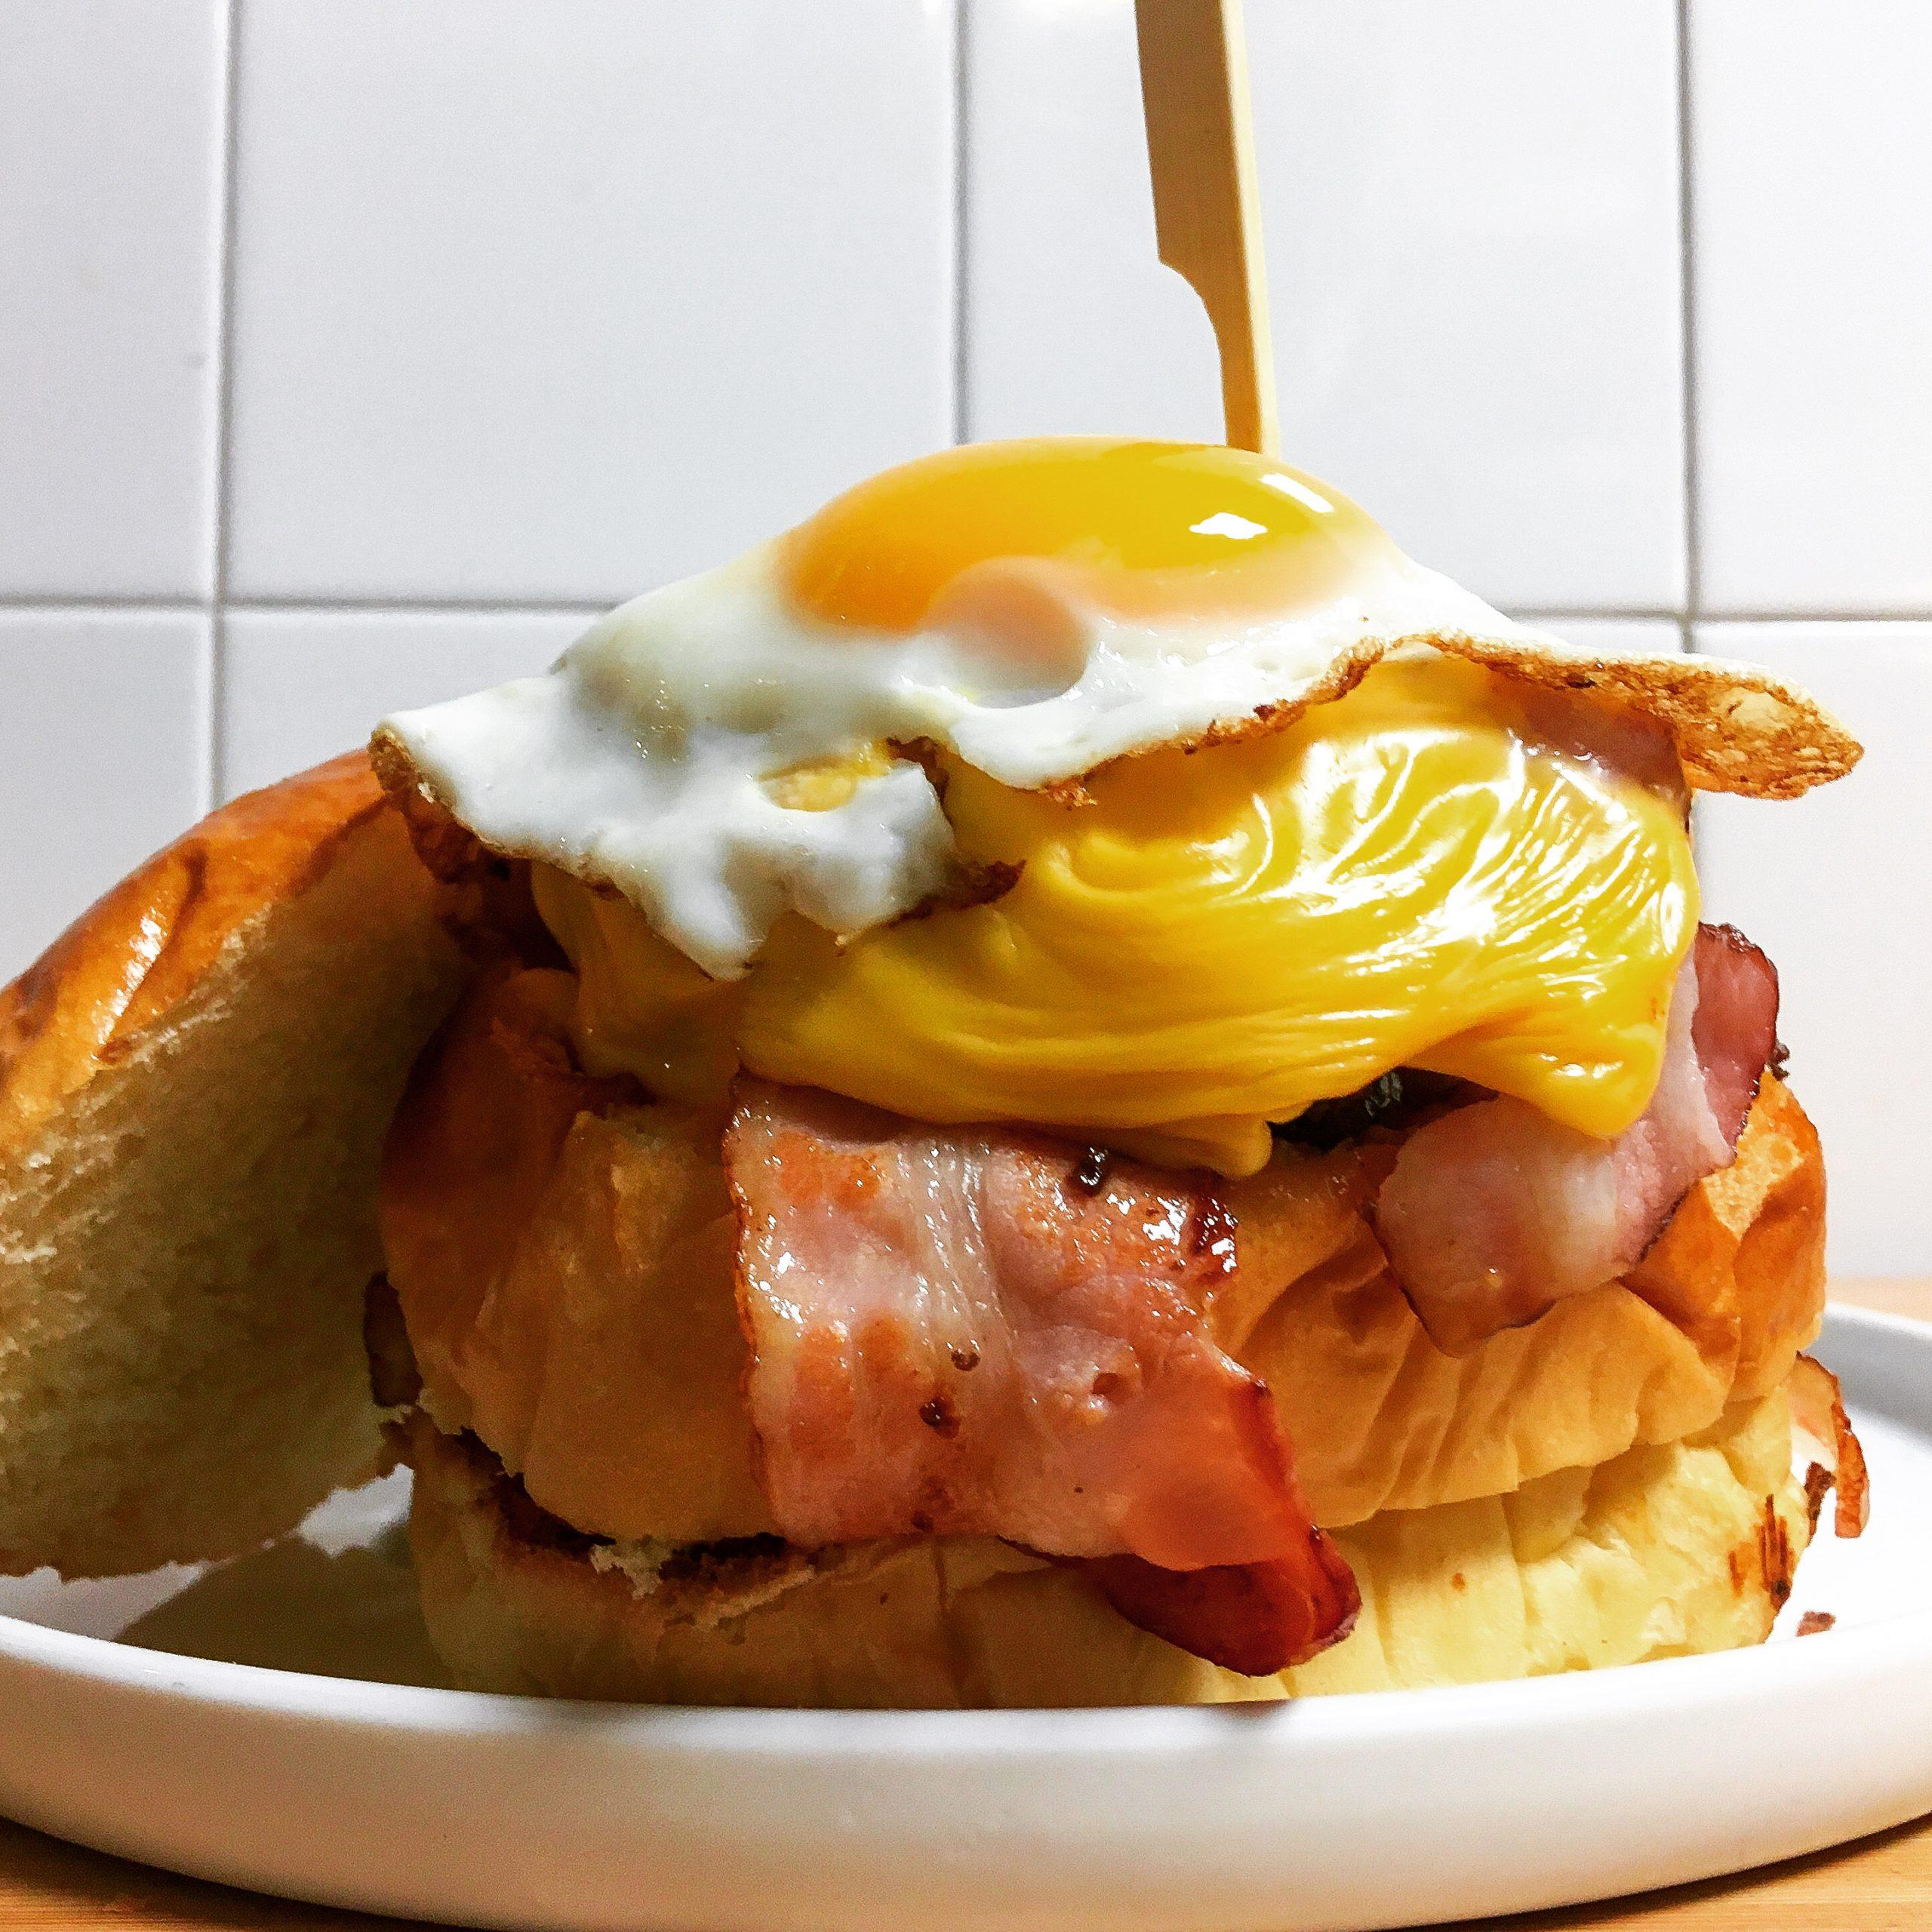 Big Boy Burger ! Burgers ou Hamburgers originaux, généreux et gourmands fait maison au The Glue Pot, restaurant renommé situé à Reims.